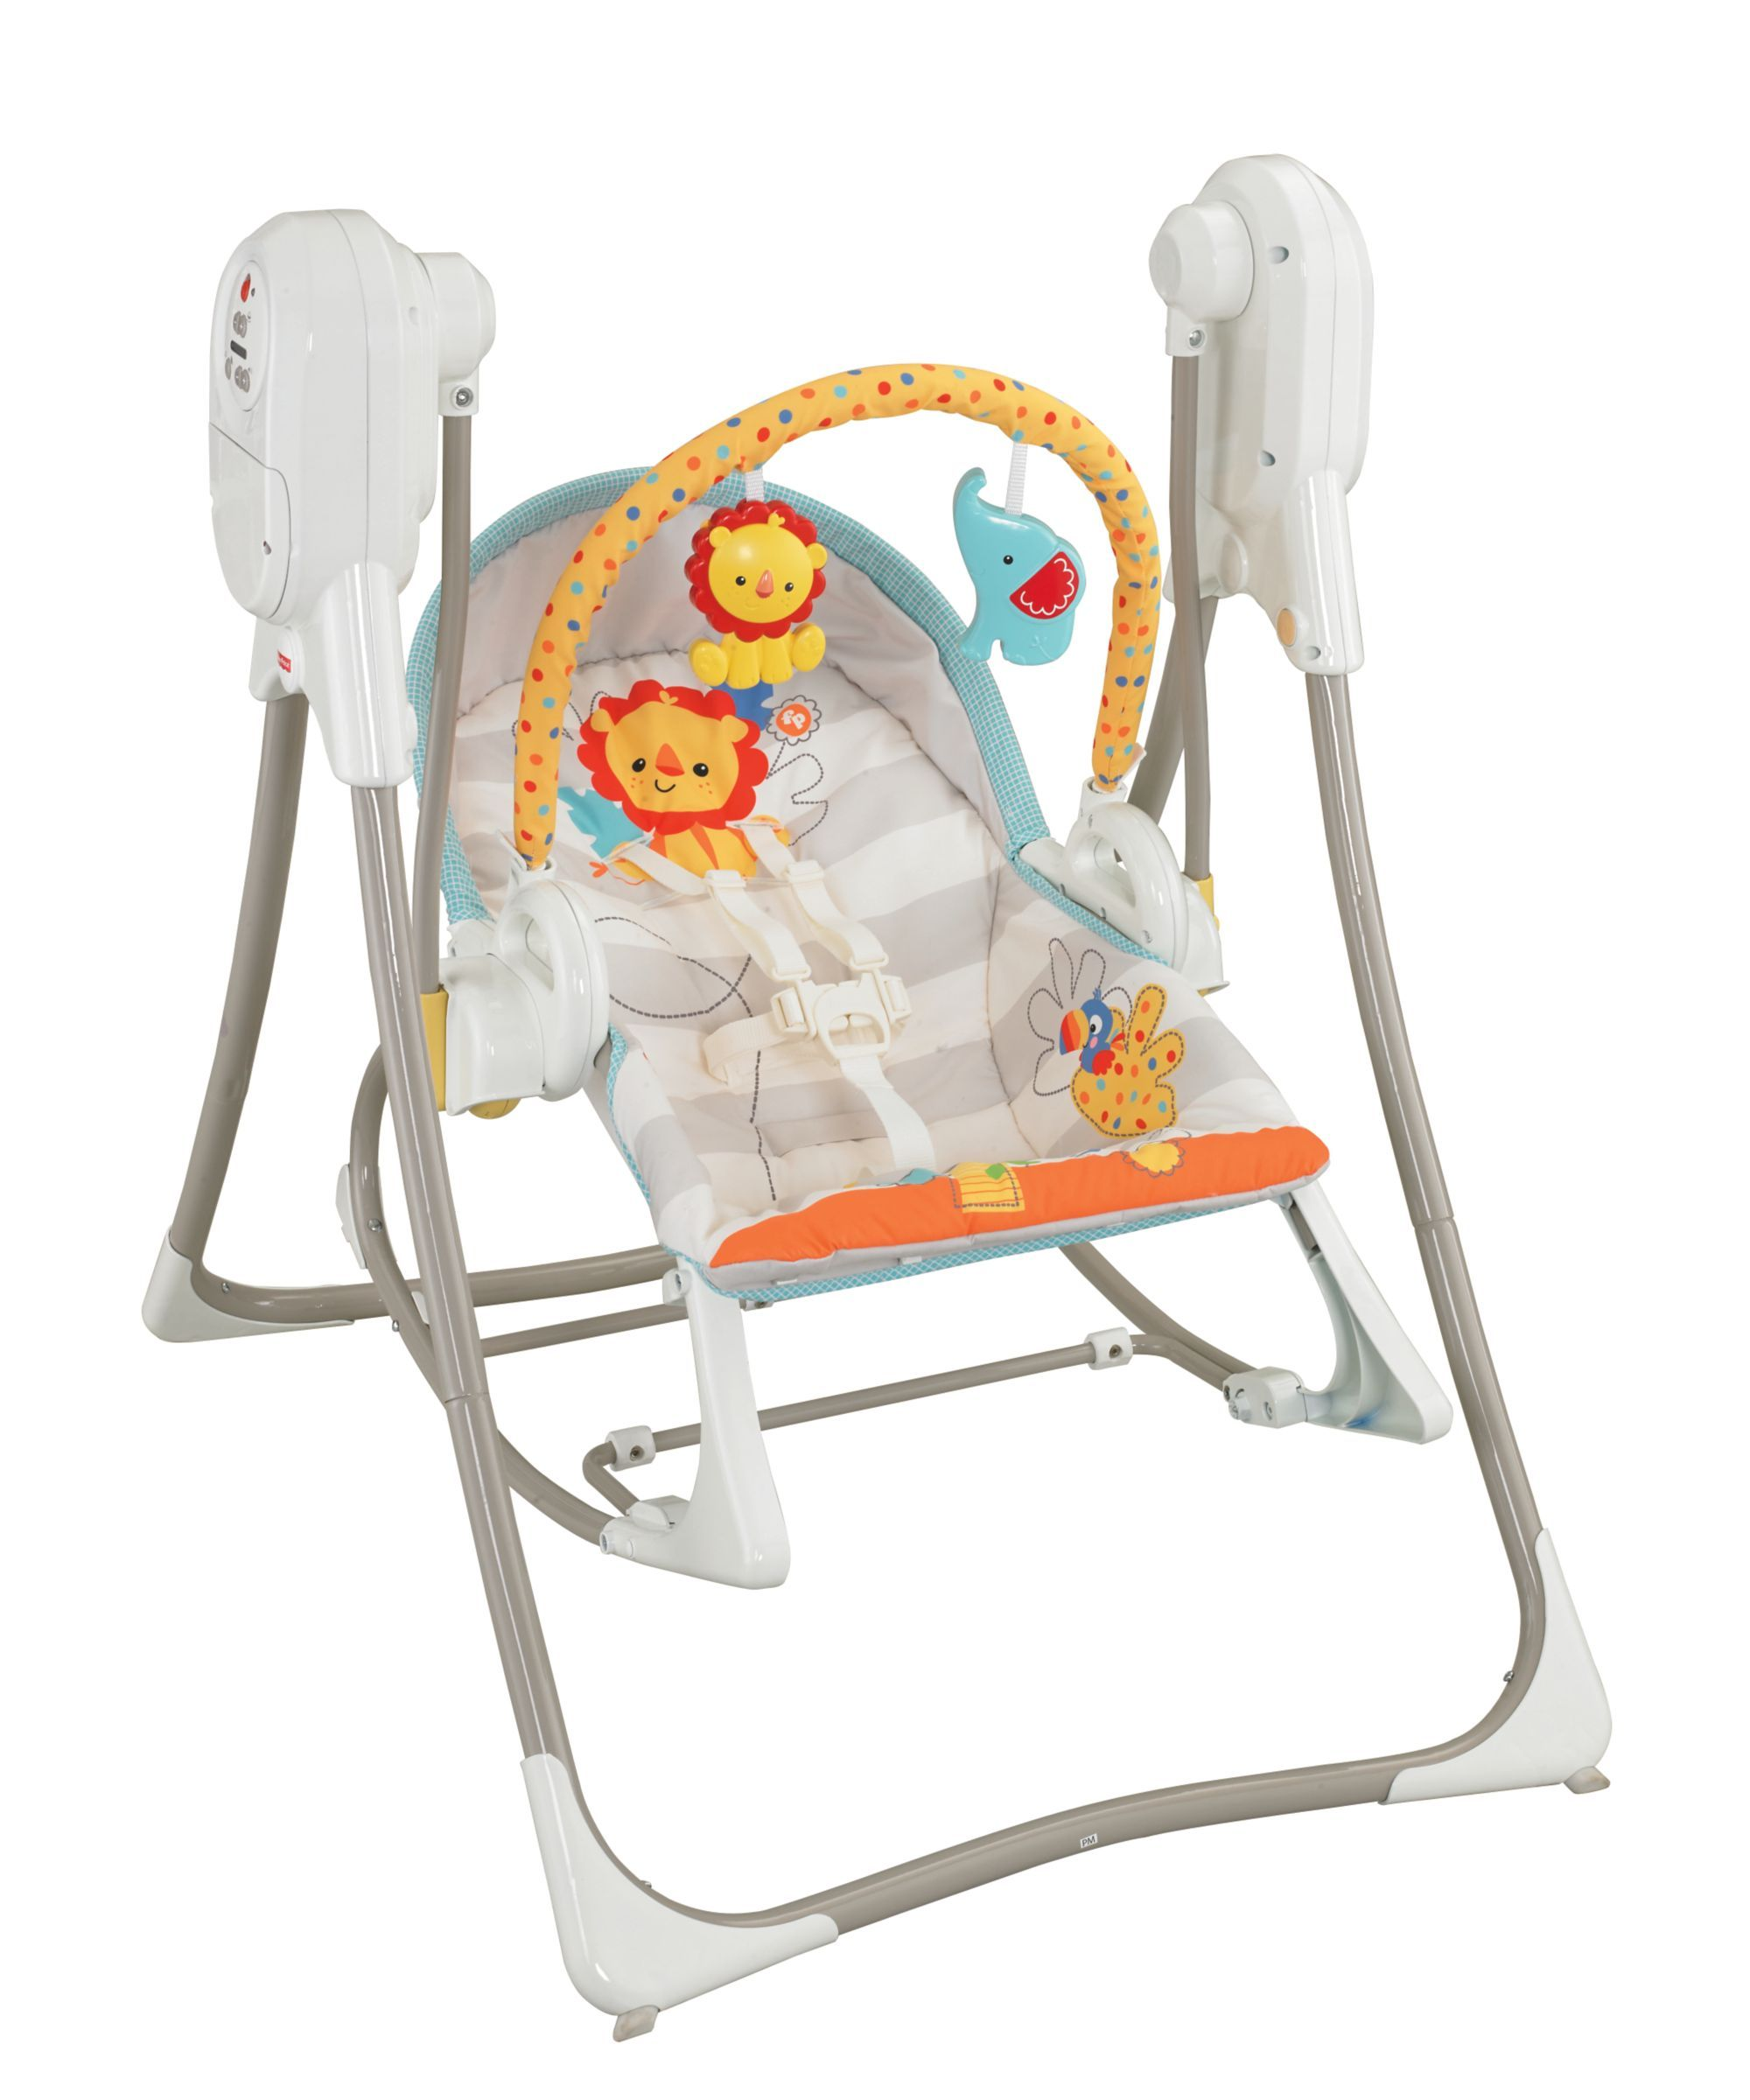 Fisher Price 3 In 1 Swing N Rocker Bouncing Cradles Rockers Mothercare Baby Swing Chair Baby Swings Toddler Swing